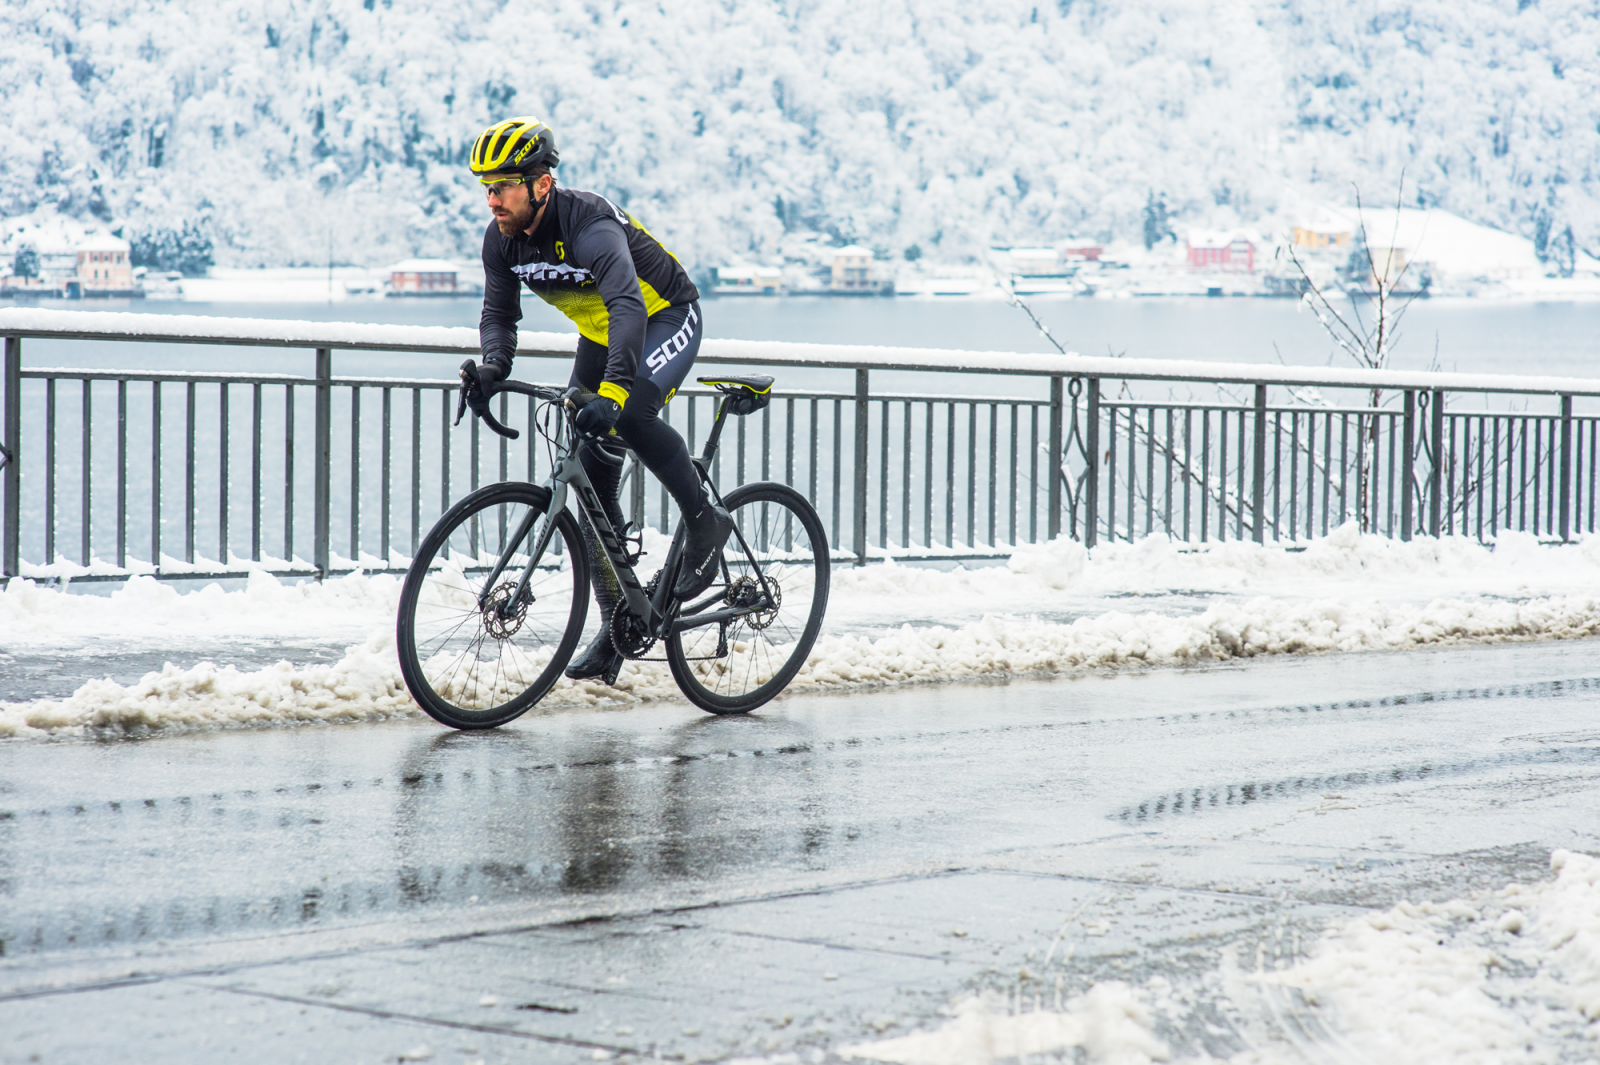 Sport sportgeräte > fahrräder radsport > fahrräder